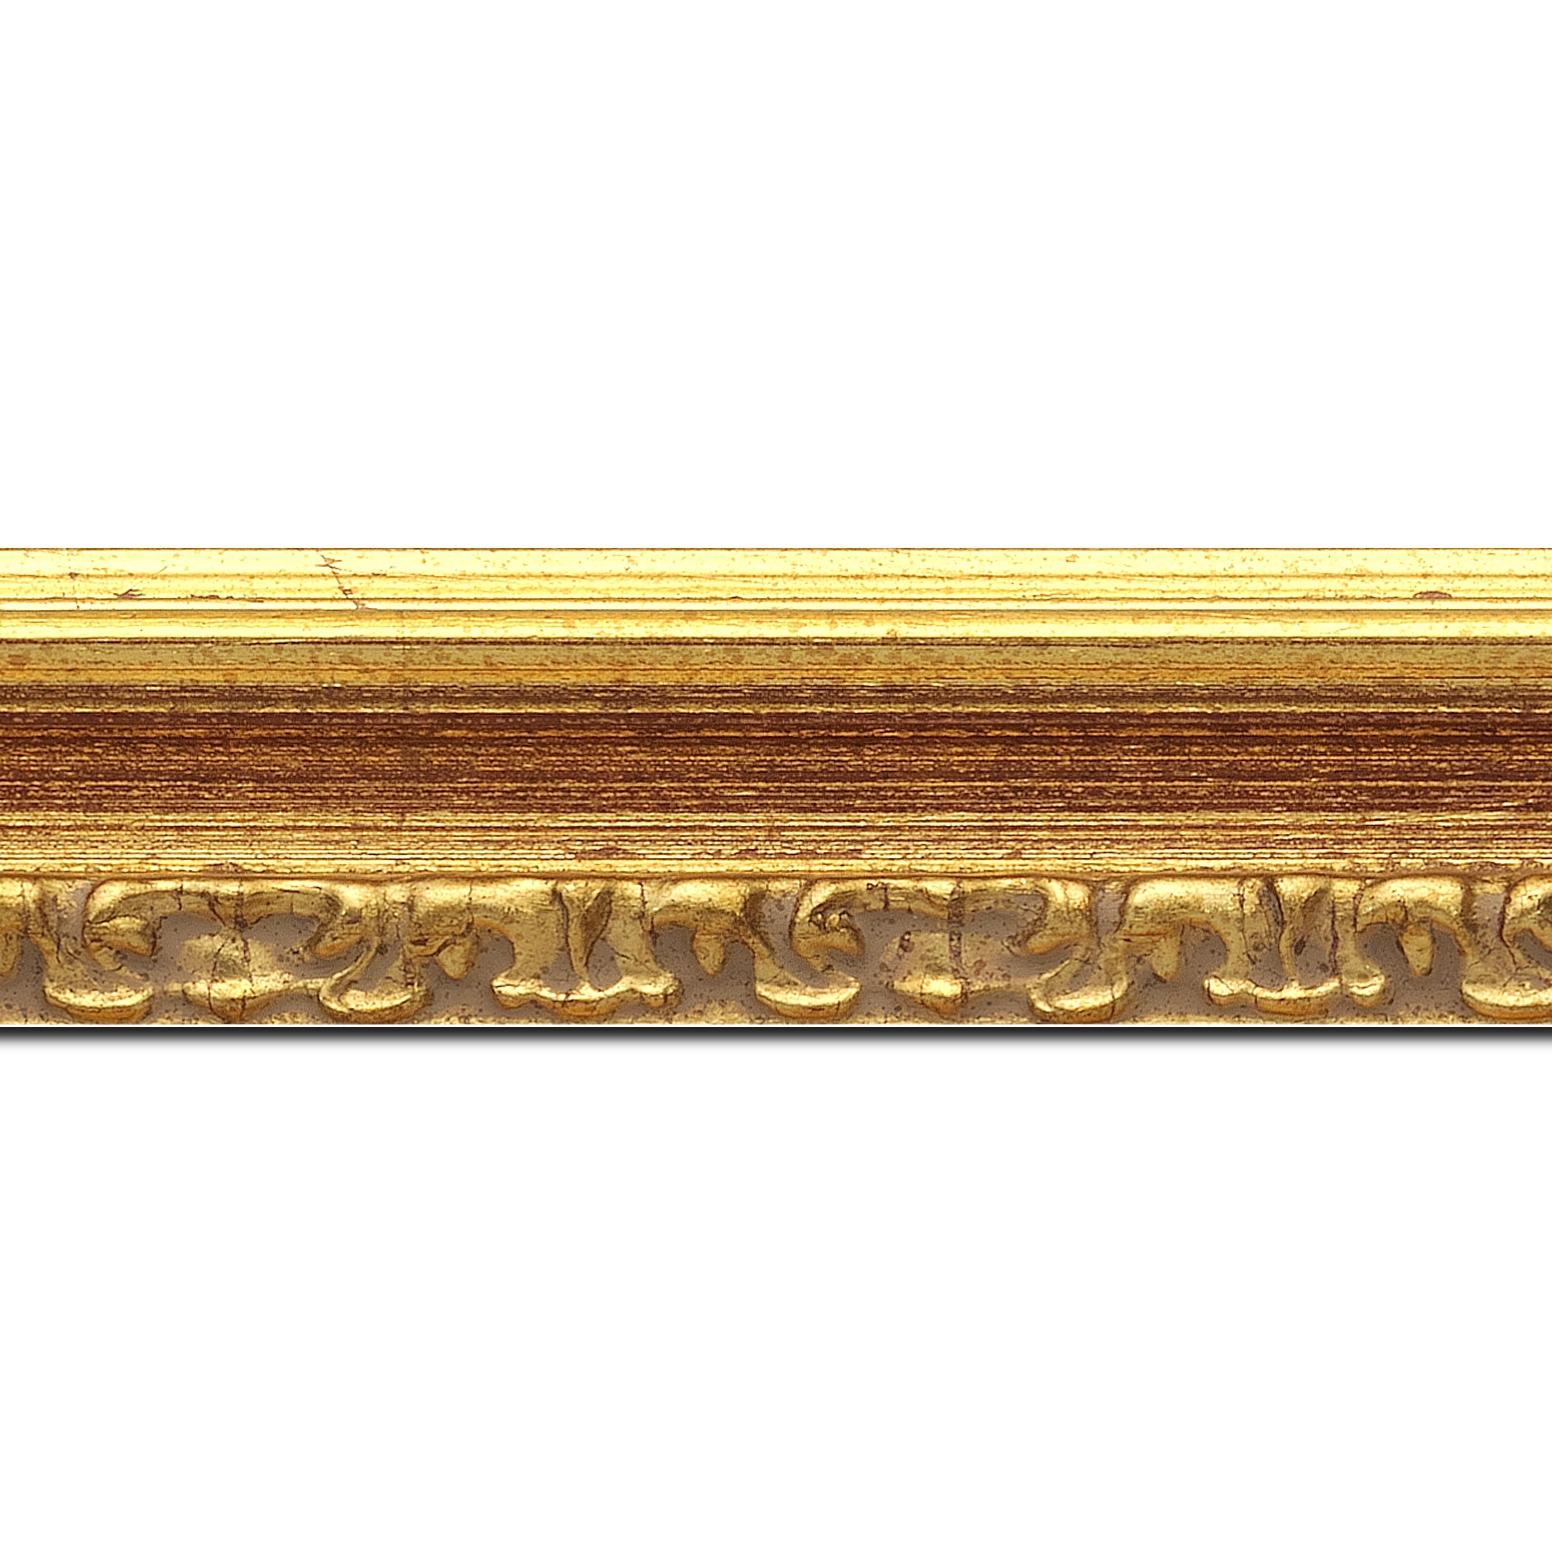 Baguette longueur 1.40m bois profil incurvé largeur 5.1cm couleur or patiné à la feuille gorge bordeaux fond or nez ornement